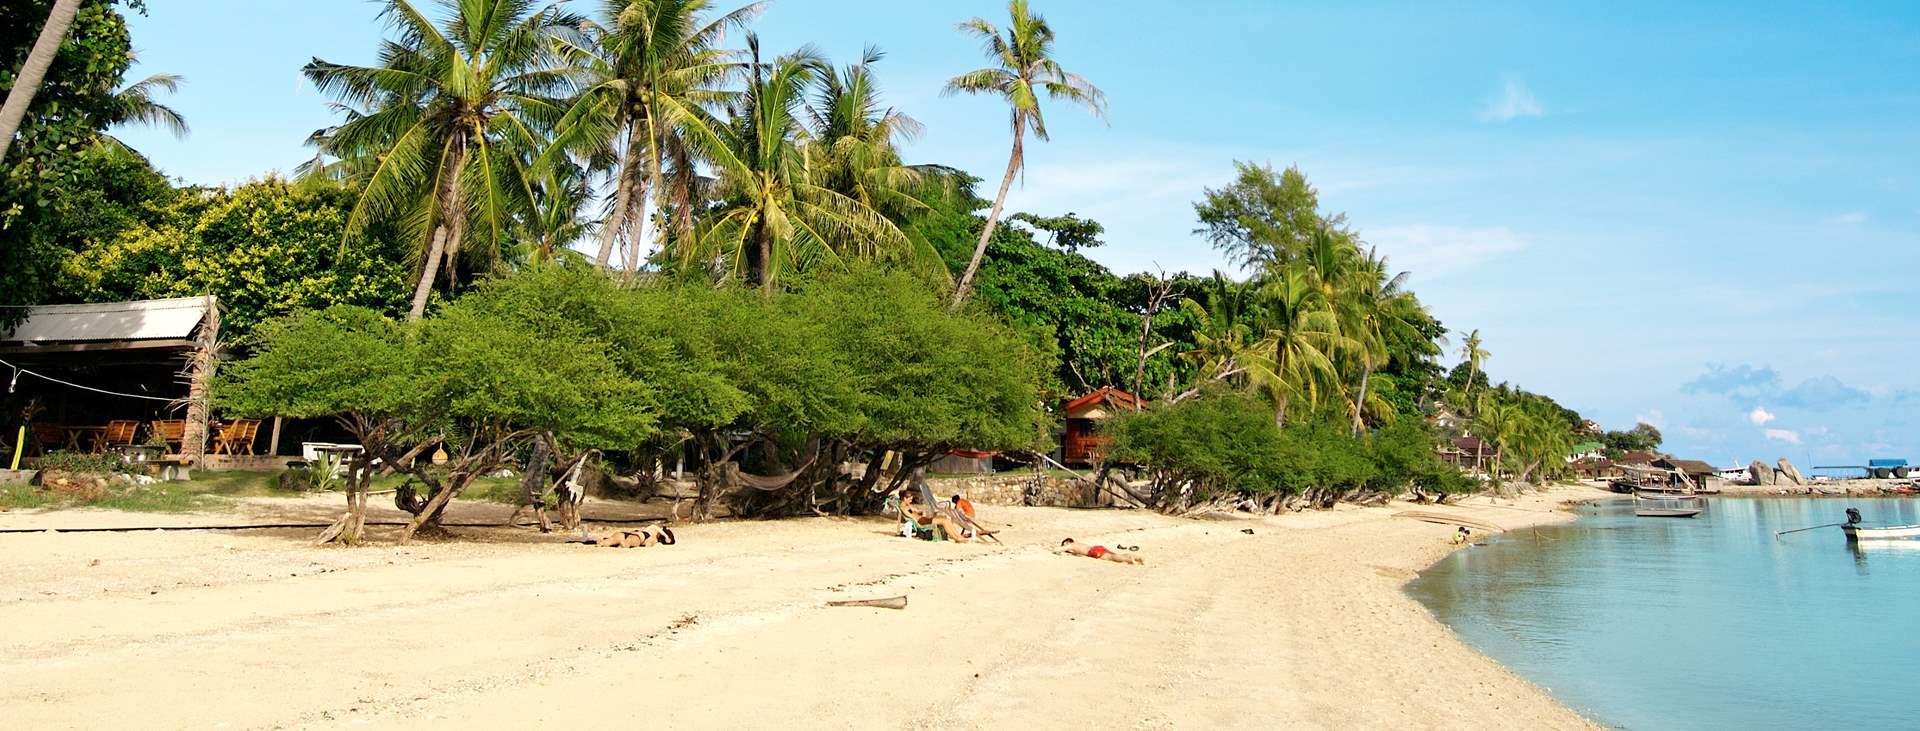 Boka din resa till Koh Phangan med Ving